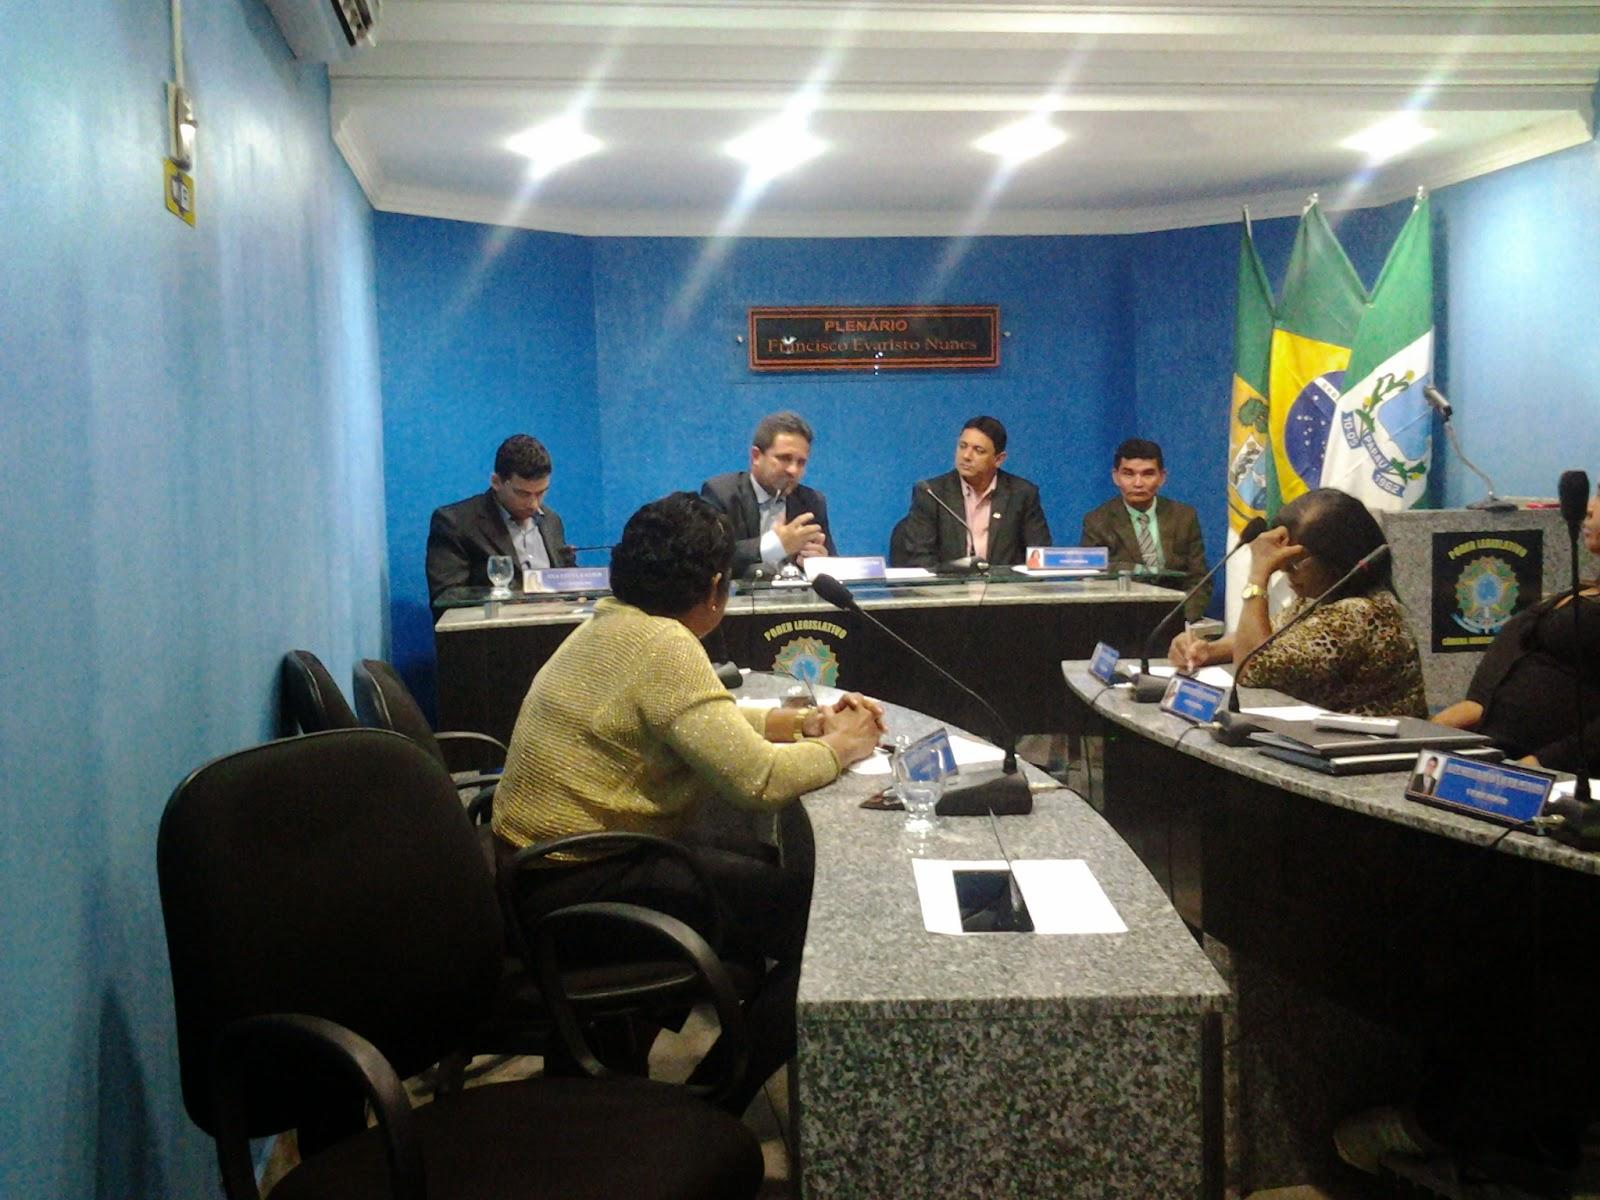 Câmara Municipal de Paraú/RN, faz parceria com a Assembleia de Deus